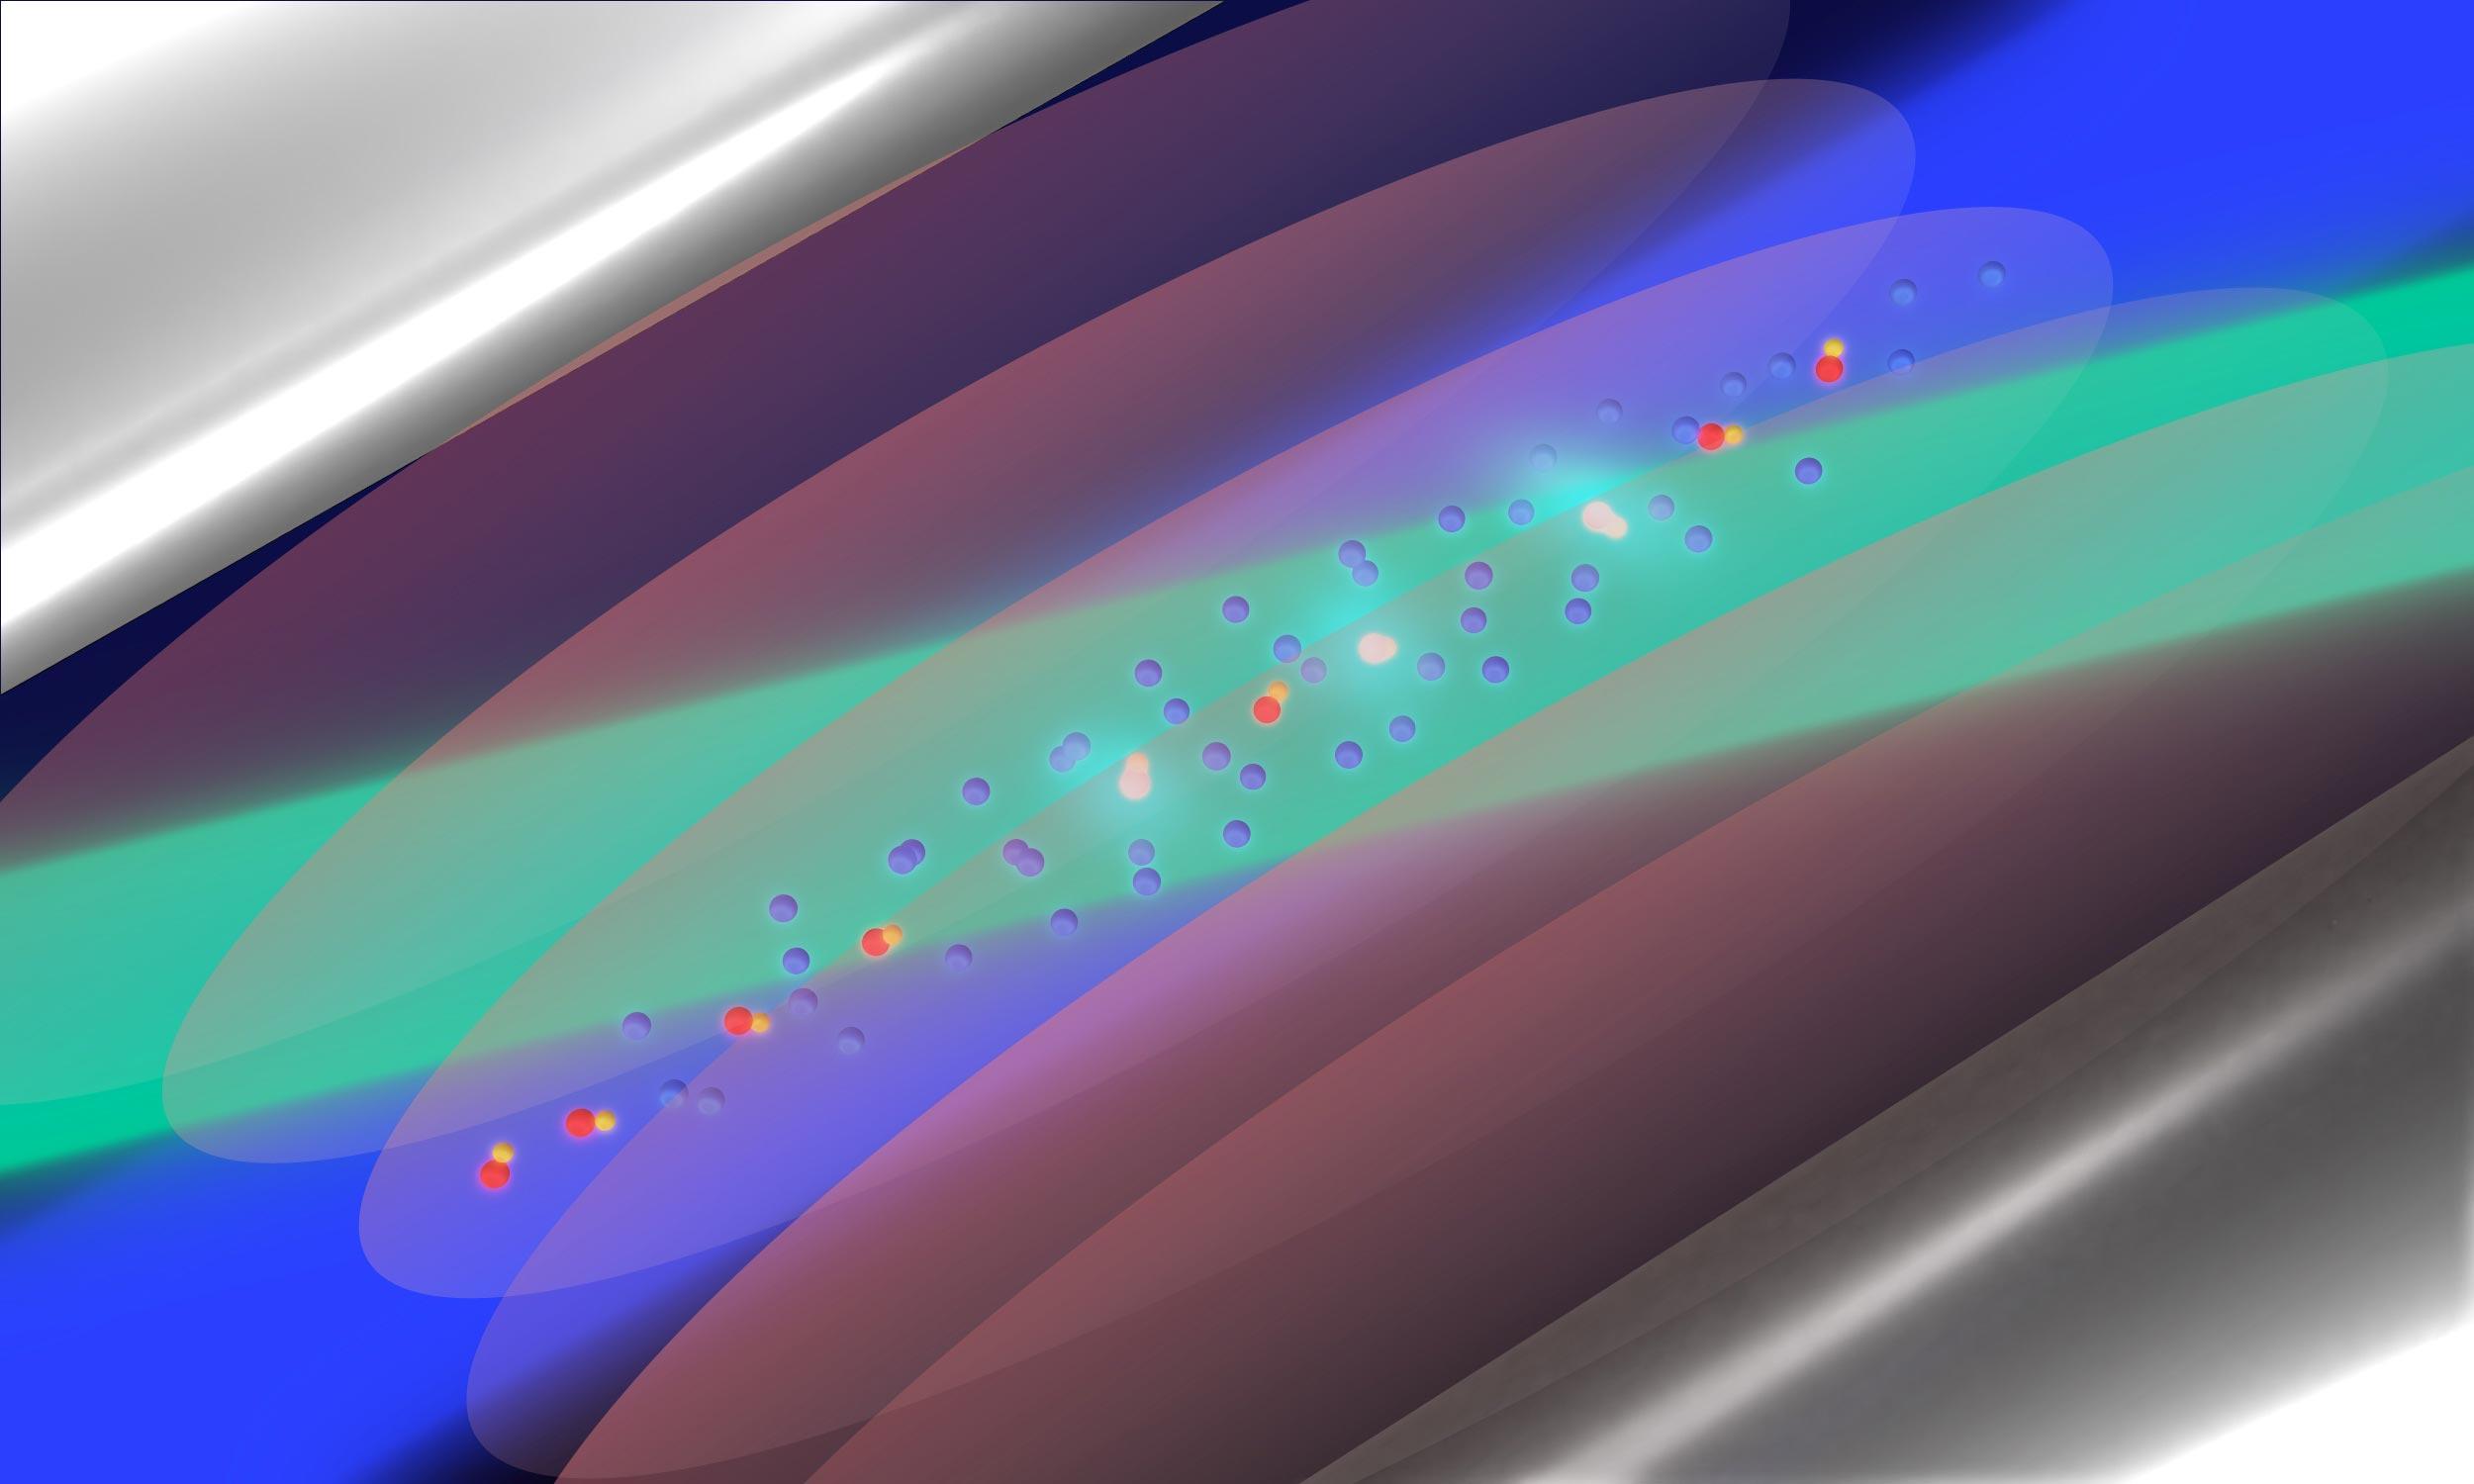 مطيافية جزيئية فائقة الدقة أيونات HD